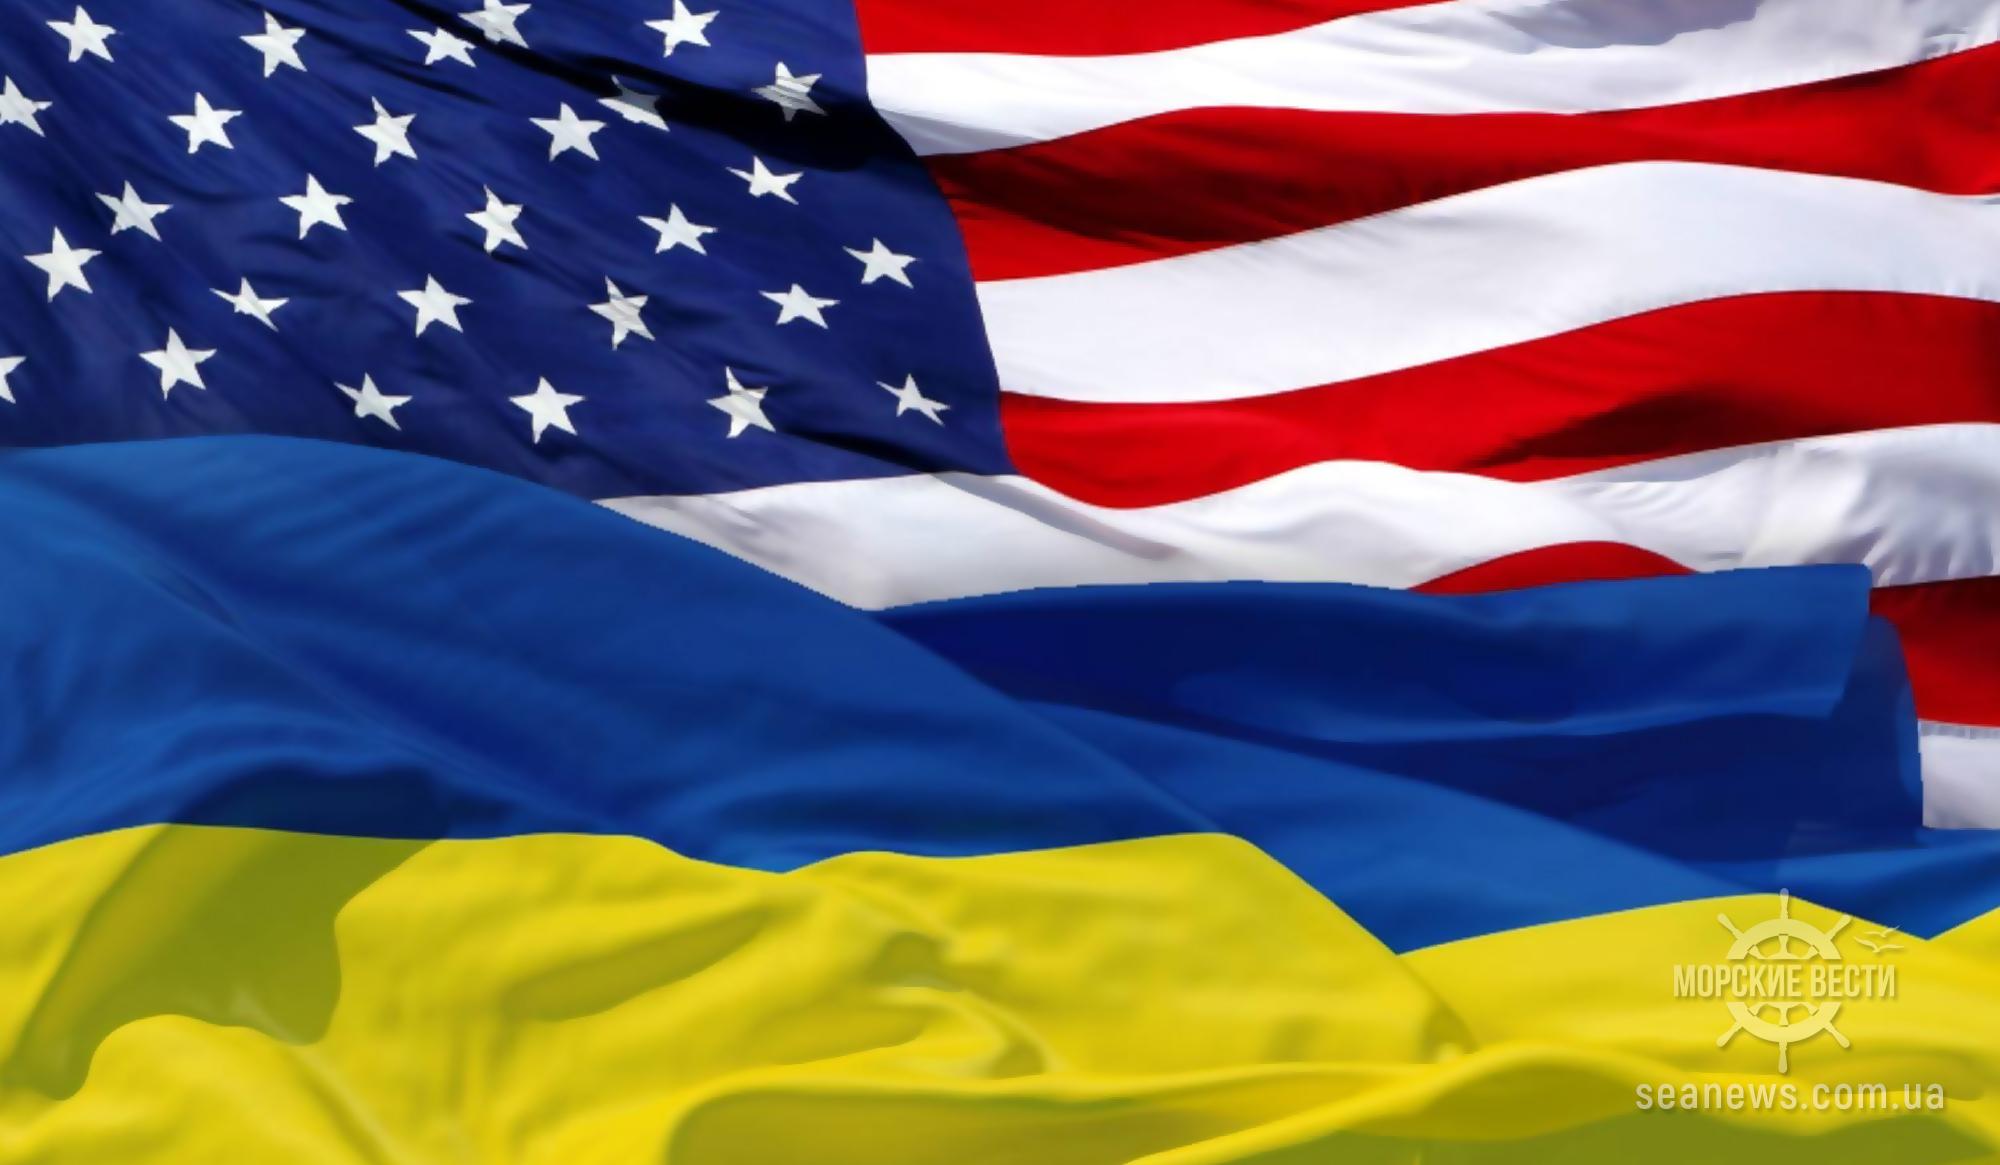 США выделили $4 млн помощи морской охране Украины в Азовском море